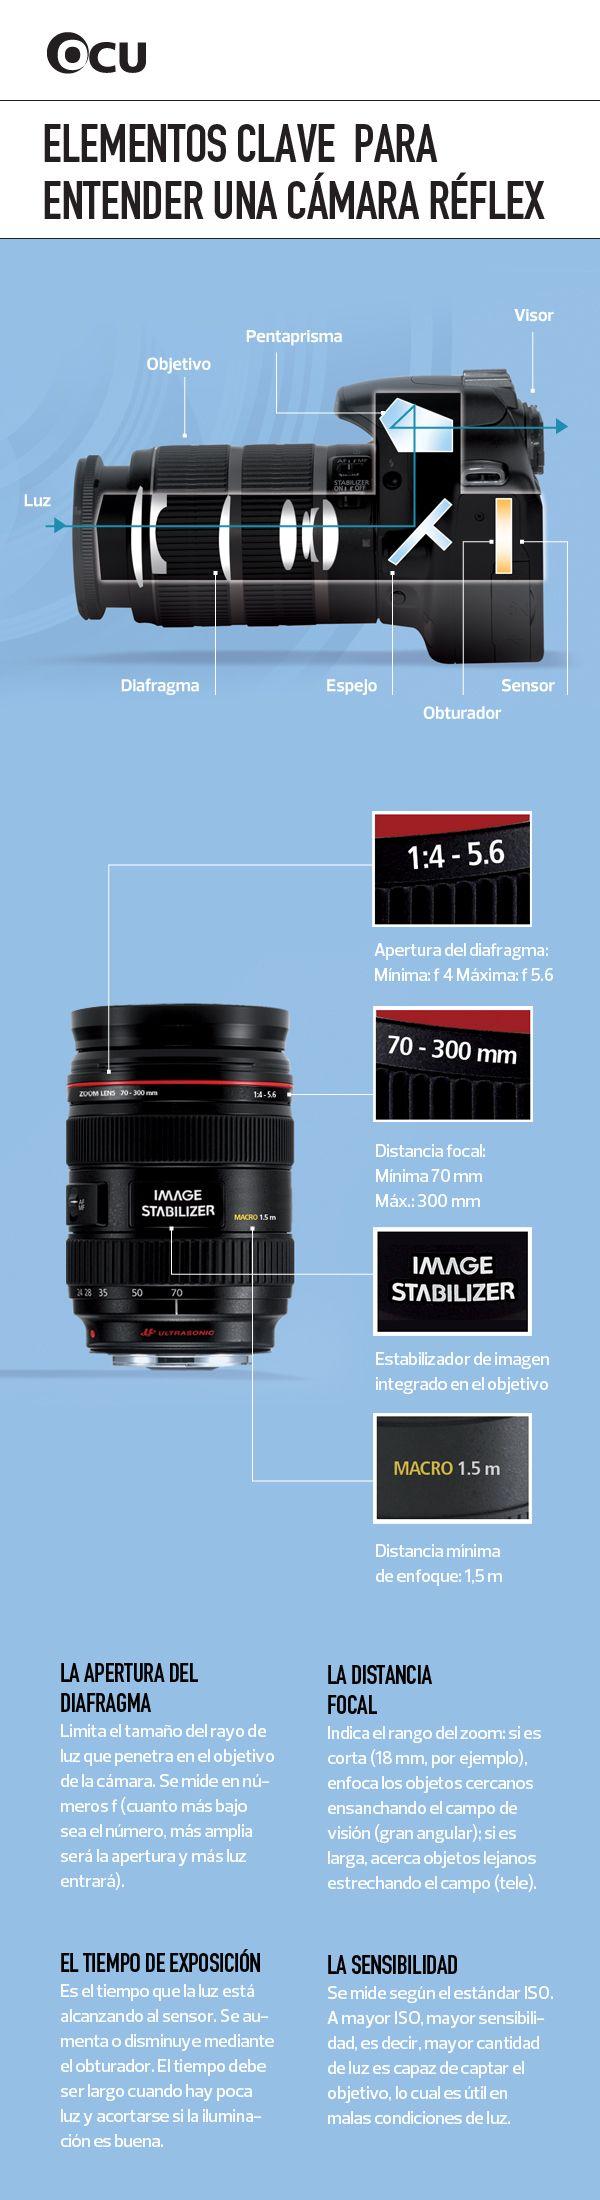 ¿Cómo funciona una cámara reflex? Repasamos sus diferentes elementos y las características que la hacen única: la apertura del diafragma, la distancia focal, el tiempo de exposición y la sensibilidad.